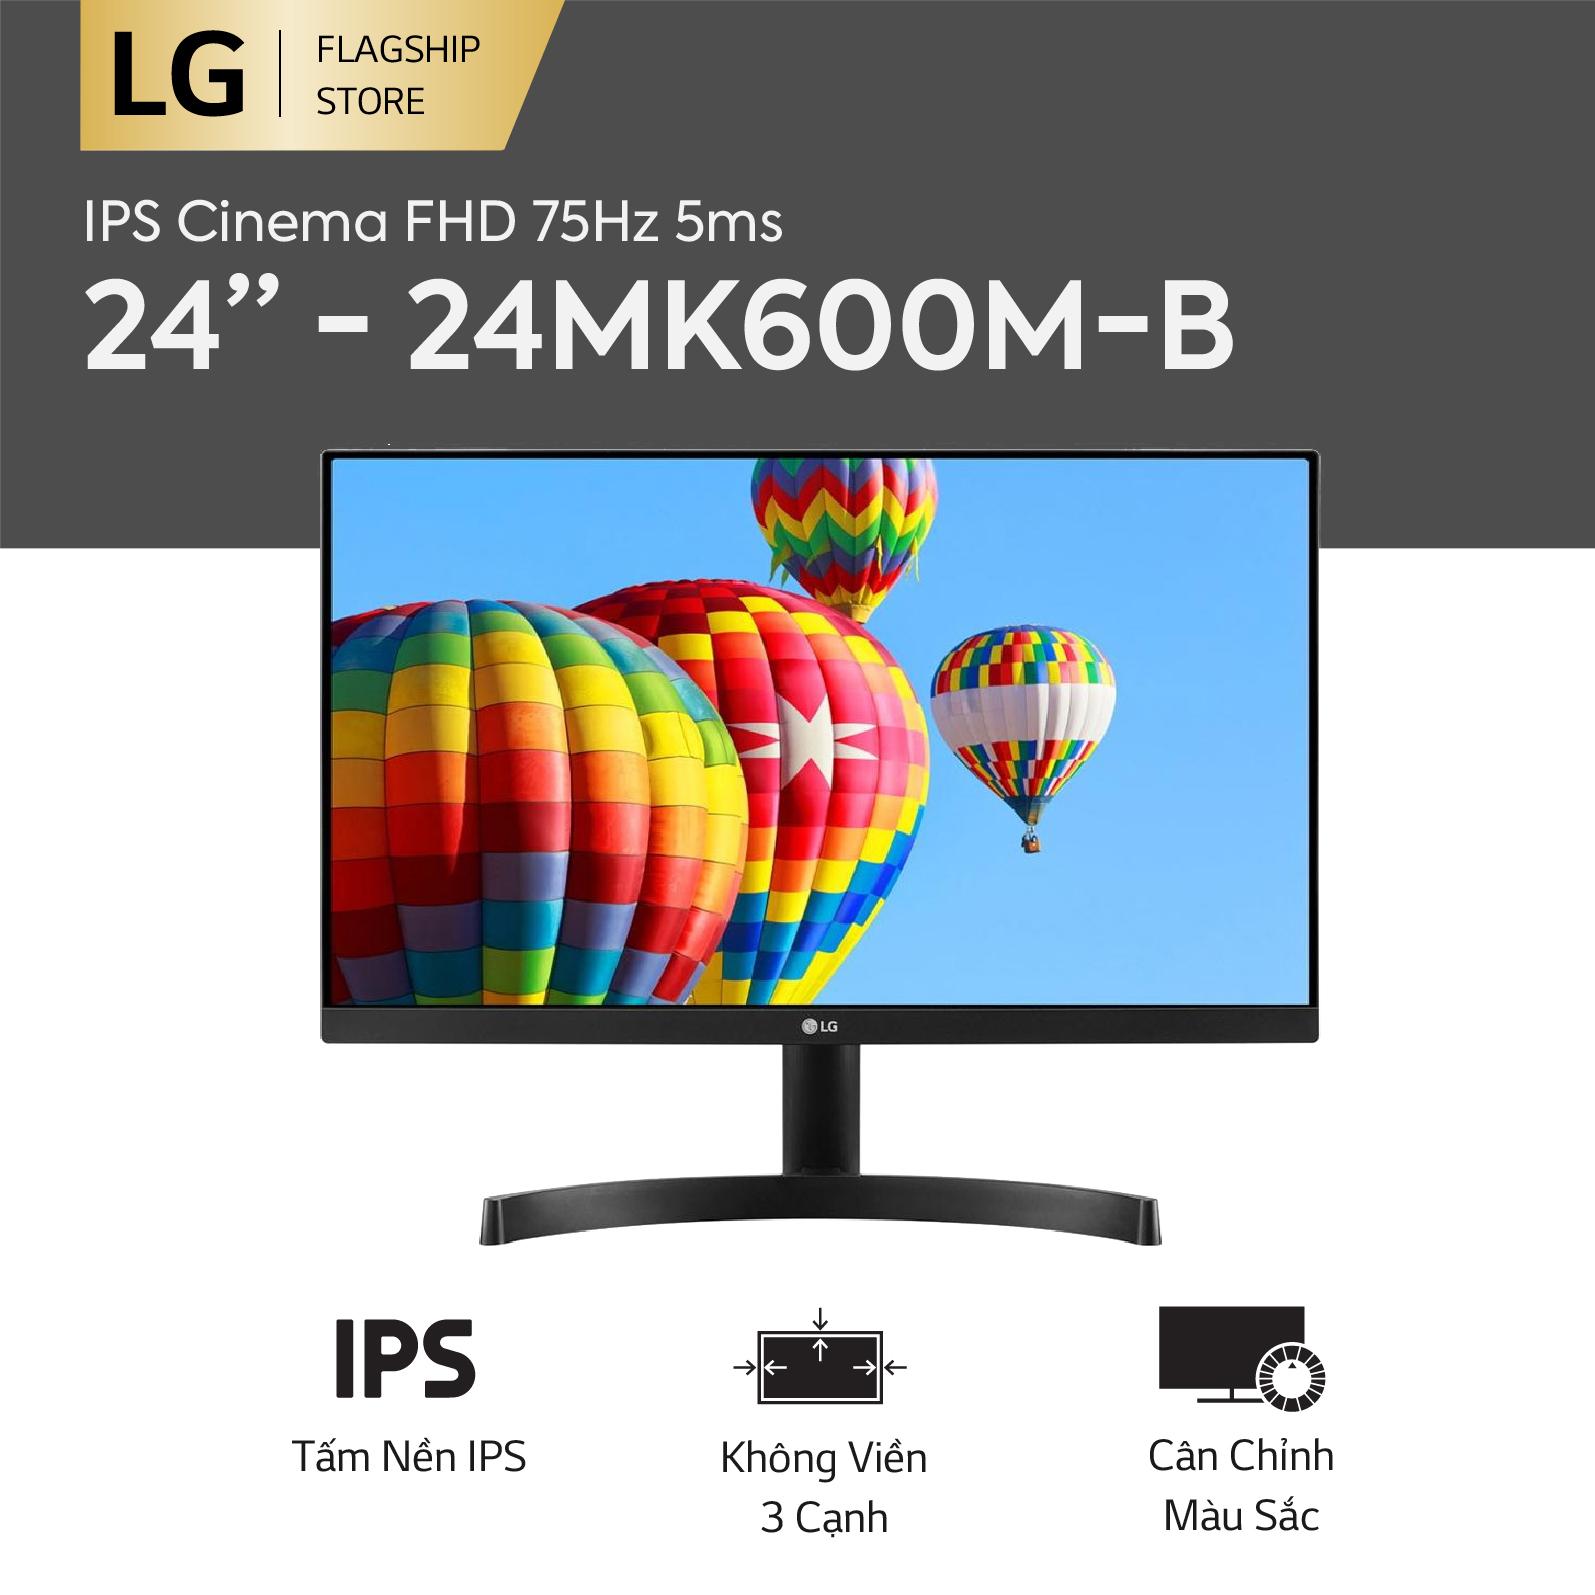 Màn hình máy tính LG IPS Cinema FHD (1920 x 1080) 75Hz 5ms 24 inches l 24MK600M-B l HÀNG CHÍNH HÃNG